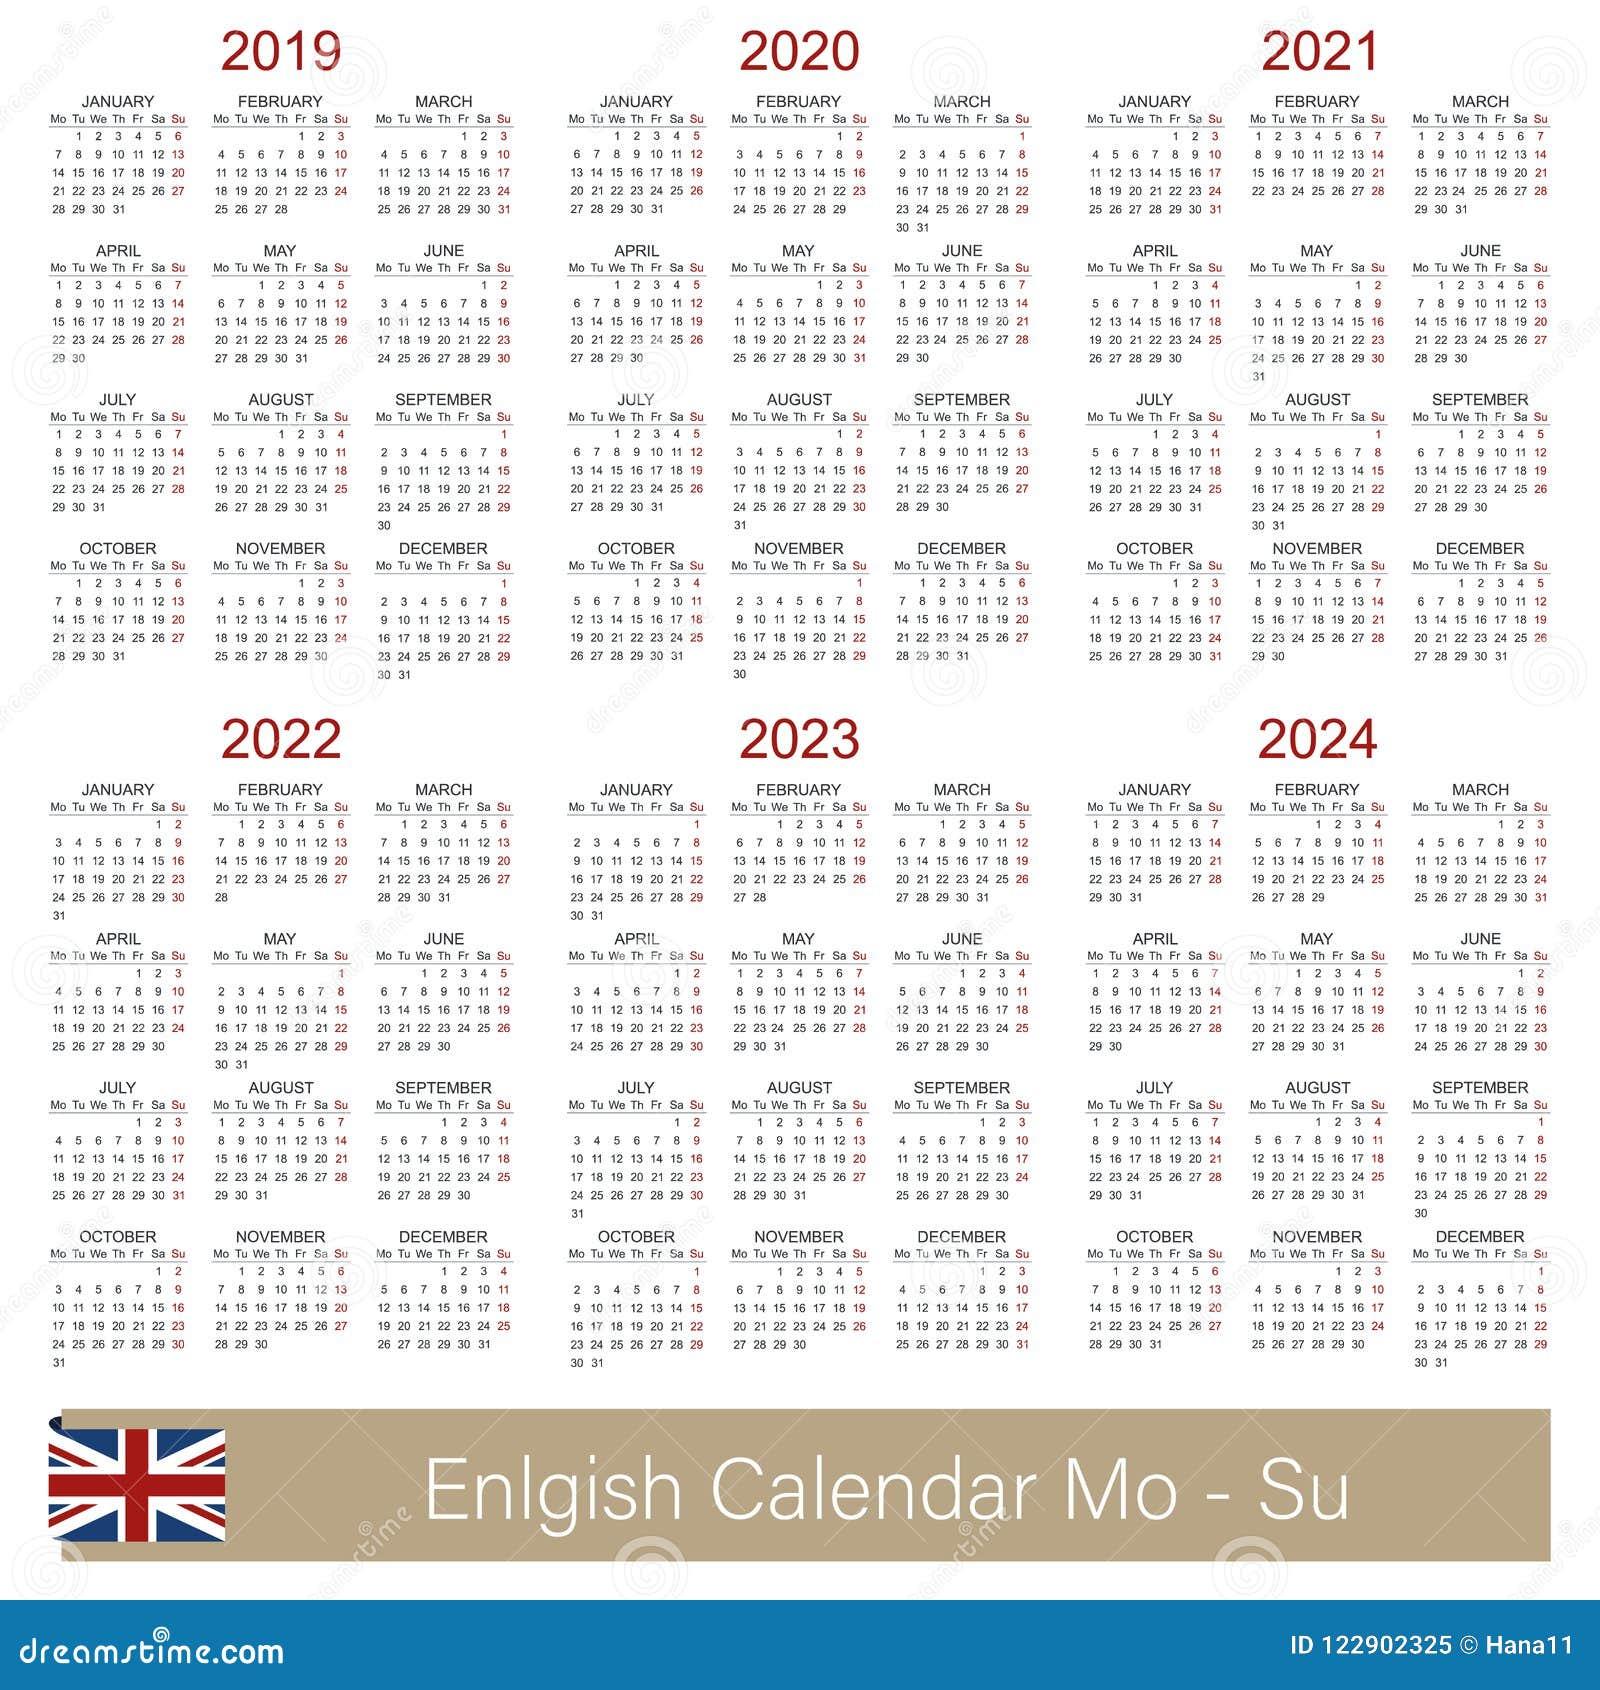 english calendar 2019 2024